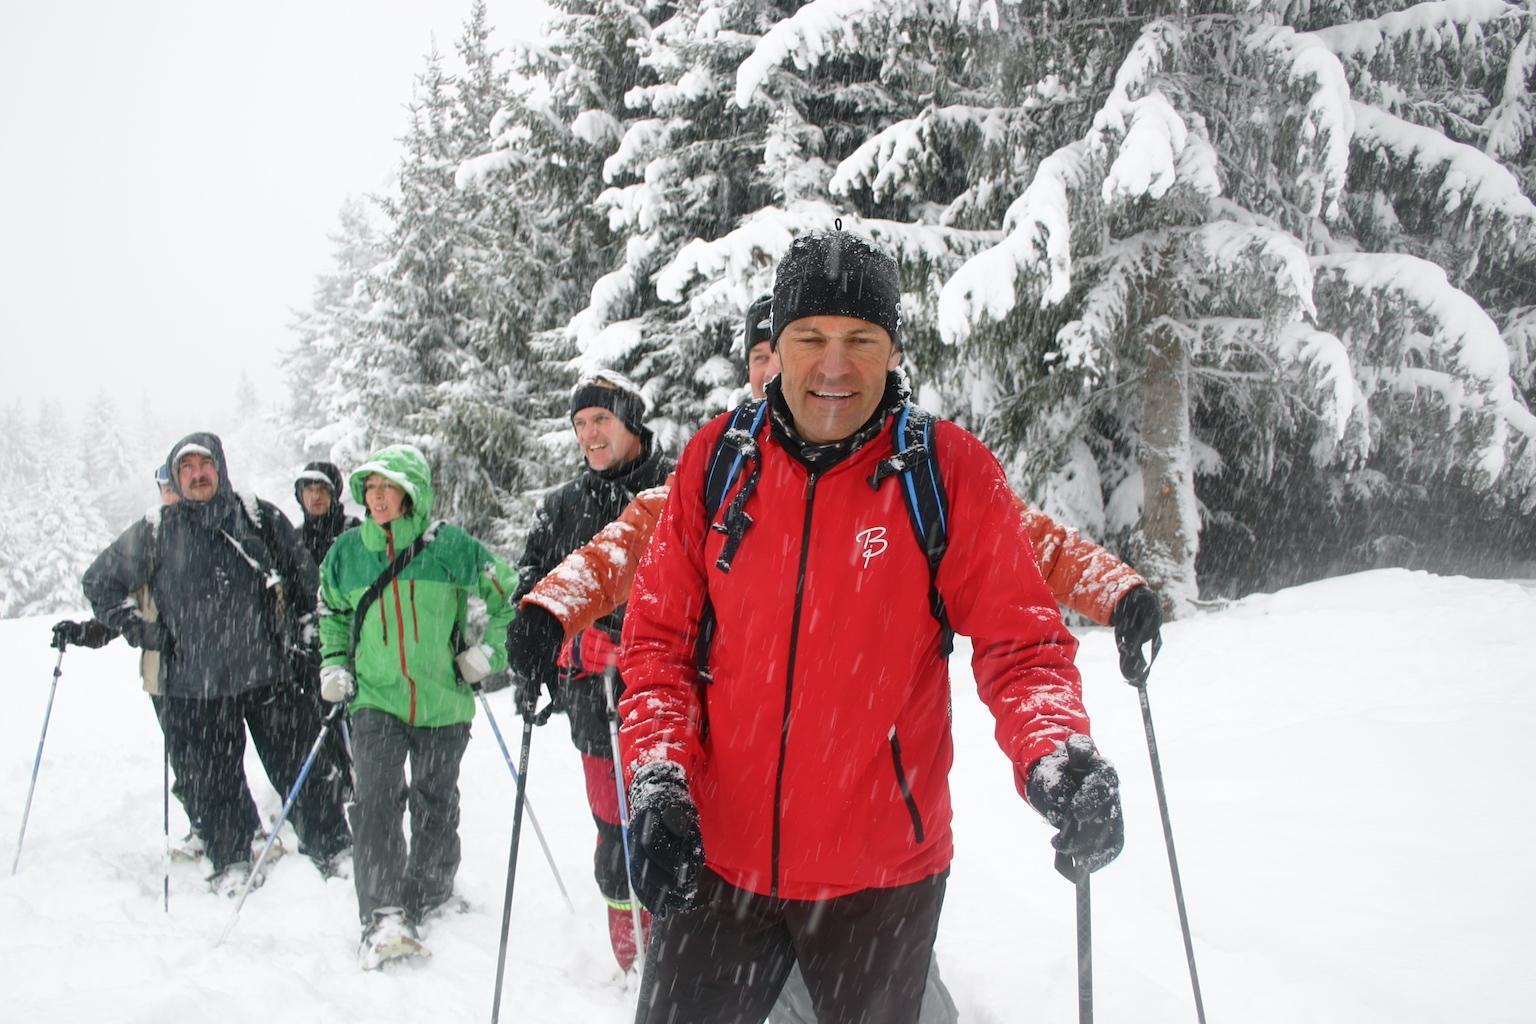 Schneeschuh-Wandern im Arosa Lenzerheide-Skigebiet in Graubünden in der Schweiz.